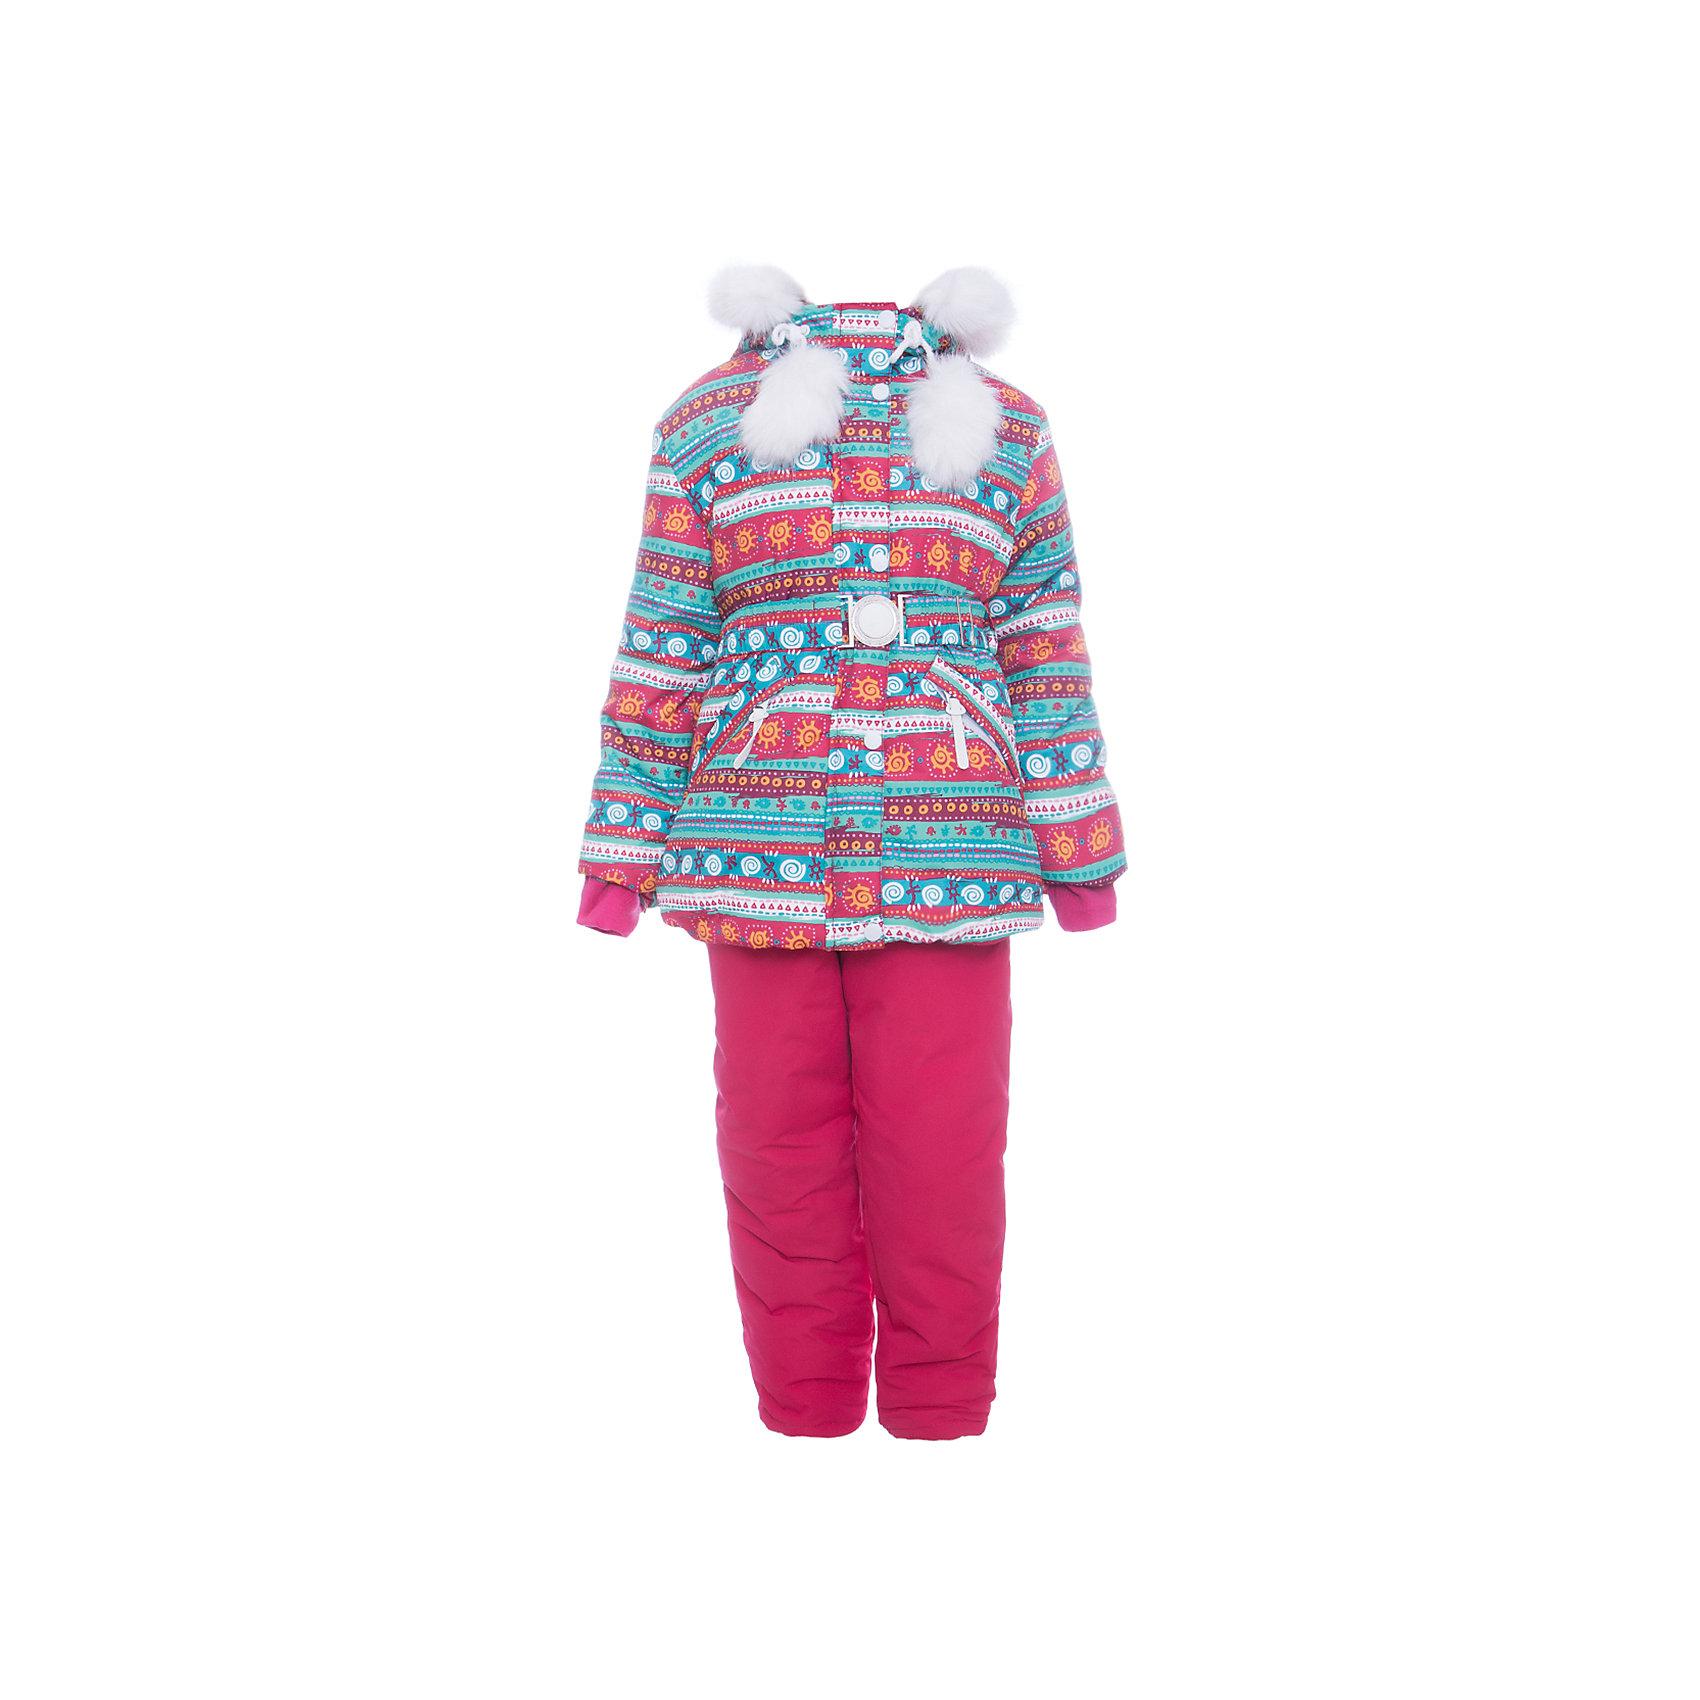 Комплект: куртка и полукомбенизон Майя Batik для девочкиВерхняя одежда<br>Комплект: куртка и полукомбенизон Майя Batik для девочки <br>Верхняя ткань обладает водоотталкивающими и ветрозащитными свойствами мембраны. Куртка на молнии с ветрозащитной планкой, светоотражающими элементами и поясом на талии. Полукомбинезон на молнии с регулируемыми лямками и силиконовыми штрипками для ботинок. Капюшон на молнии со съемной опушкой. В комплекте идет толстовка.<br>Состав:<br>Ткань верха - TASLON OXFORD;  Утеплитель - Слайтекс 350;  Подкладка - Полар флис;<br><br>Ширина мм: 356<br>Глубина мм: 10<br>Высота мм: 245<br>Вес г: 519<br>Цвет: бирюзовый<br>Возраст от месяцев: 36<br>Возраст до месяцев: 48<br>Пол: Женский<br>Возраст: Детский<br>Размер: 104,86,92,98<br>SKU: 7028199